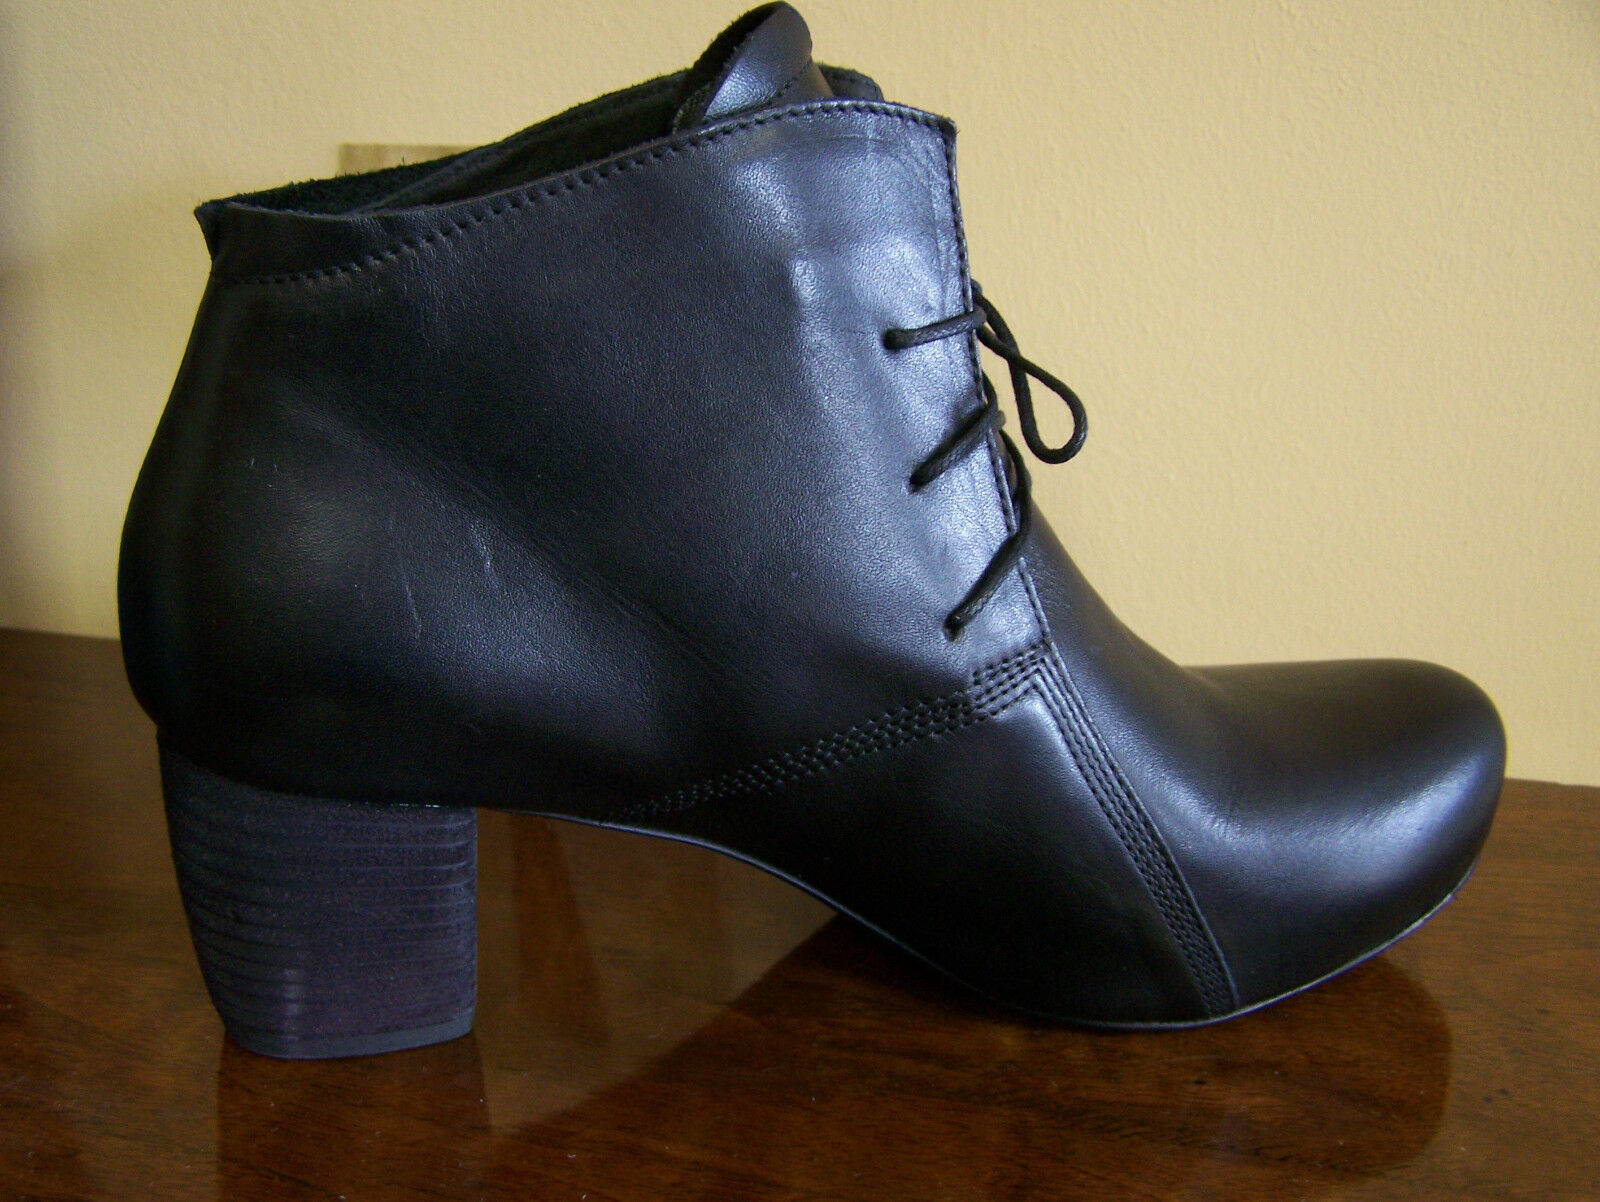 THINK SCHUHE Stiefelette SASSO schwarz für Lederfutter + Schuhbeutel auch für schwarz GOTHIC 9e7854